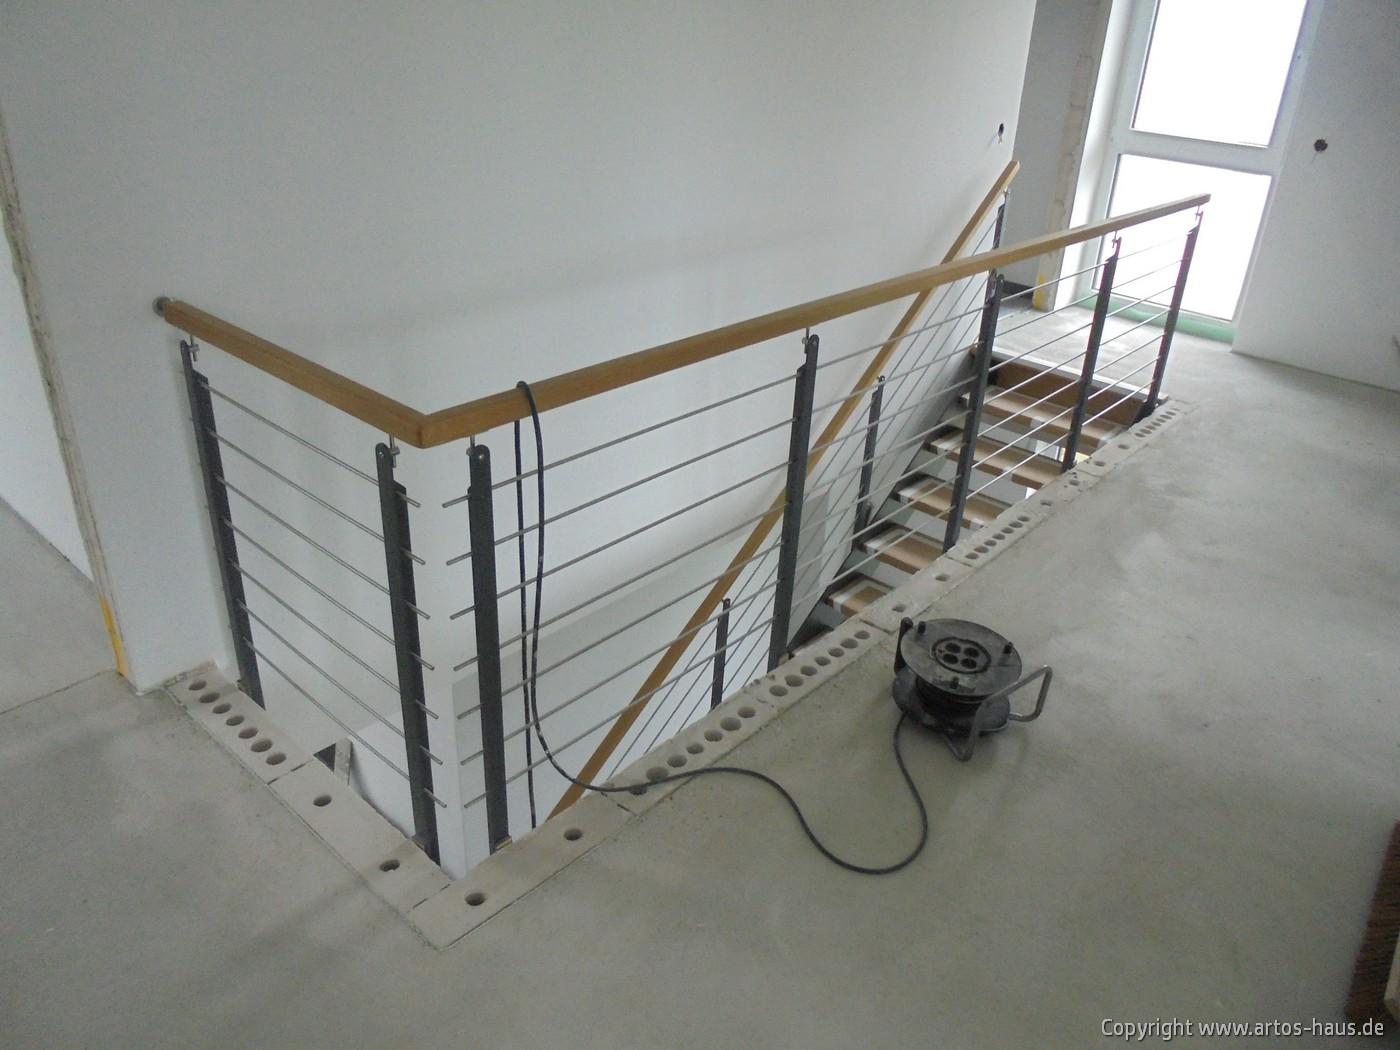 Treppe und Treppengeländer Bild 2